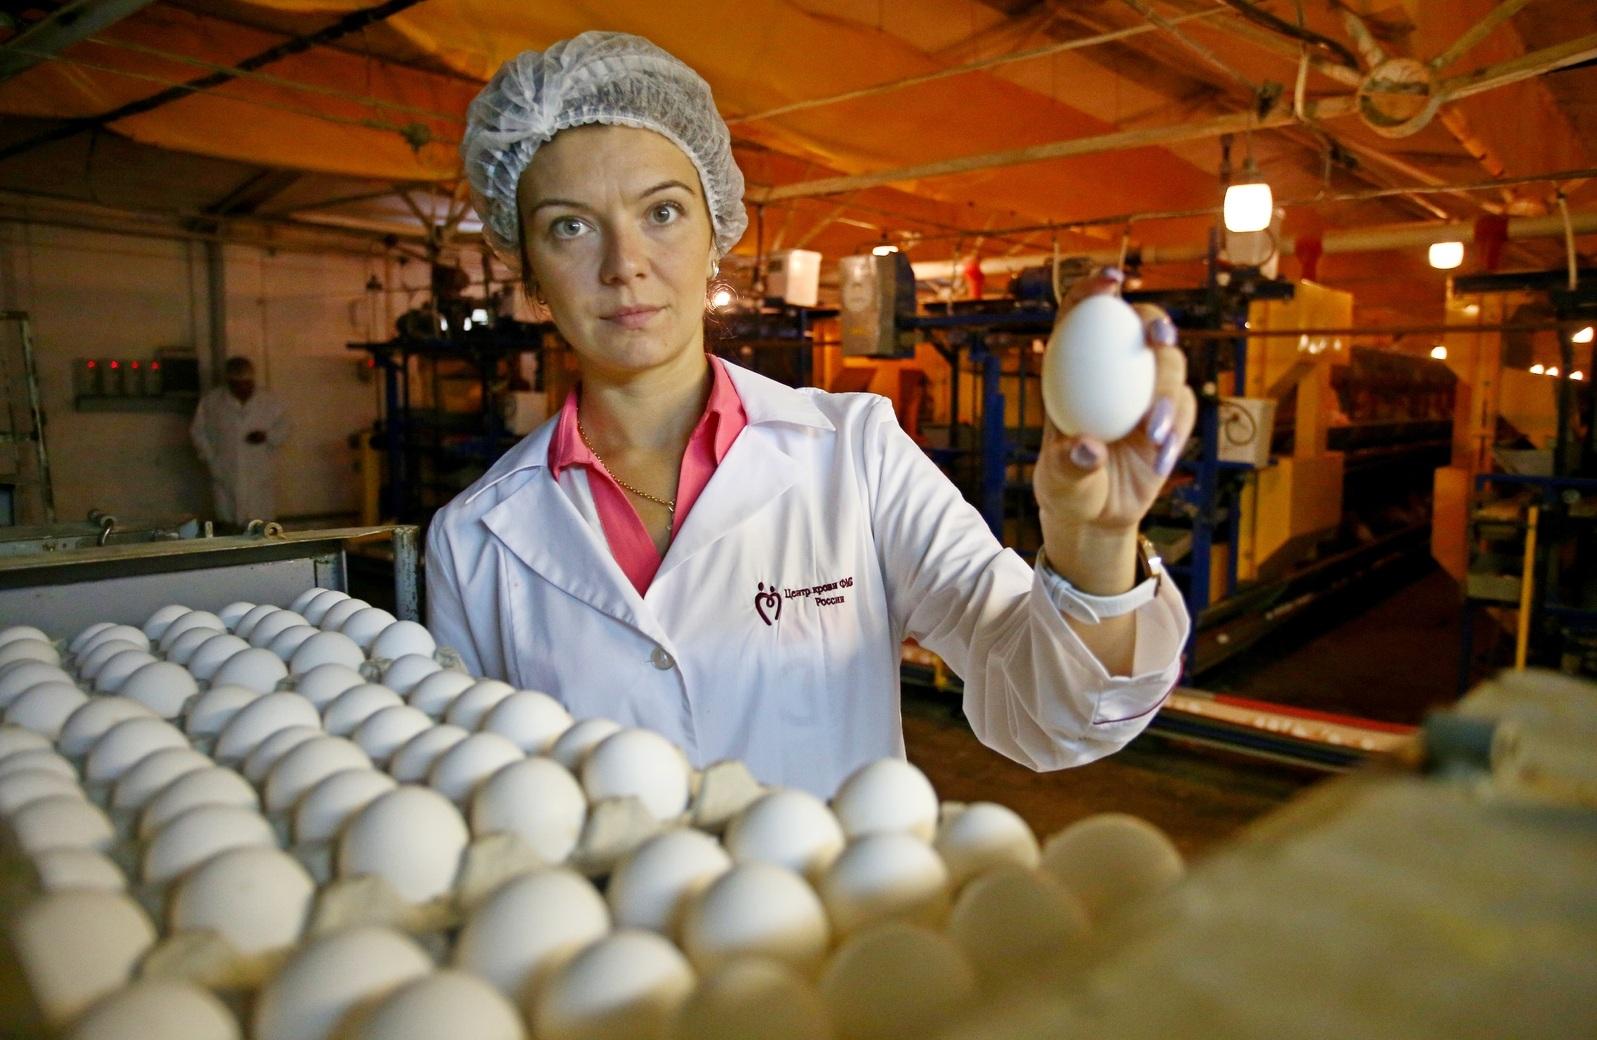 Ученые: Употребление яиц может продлить жизнь человека